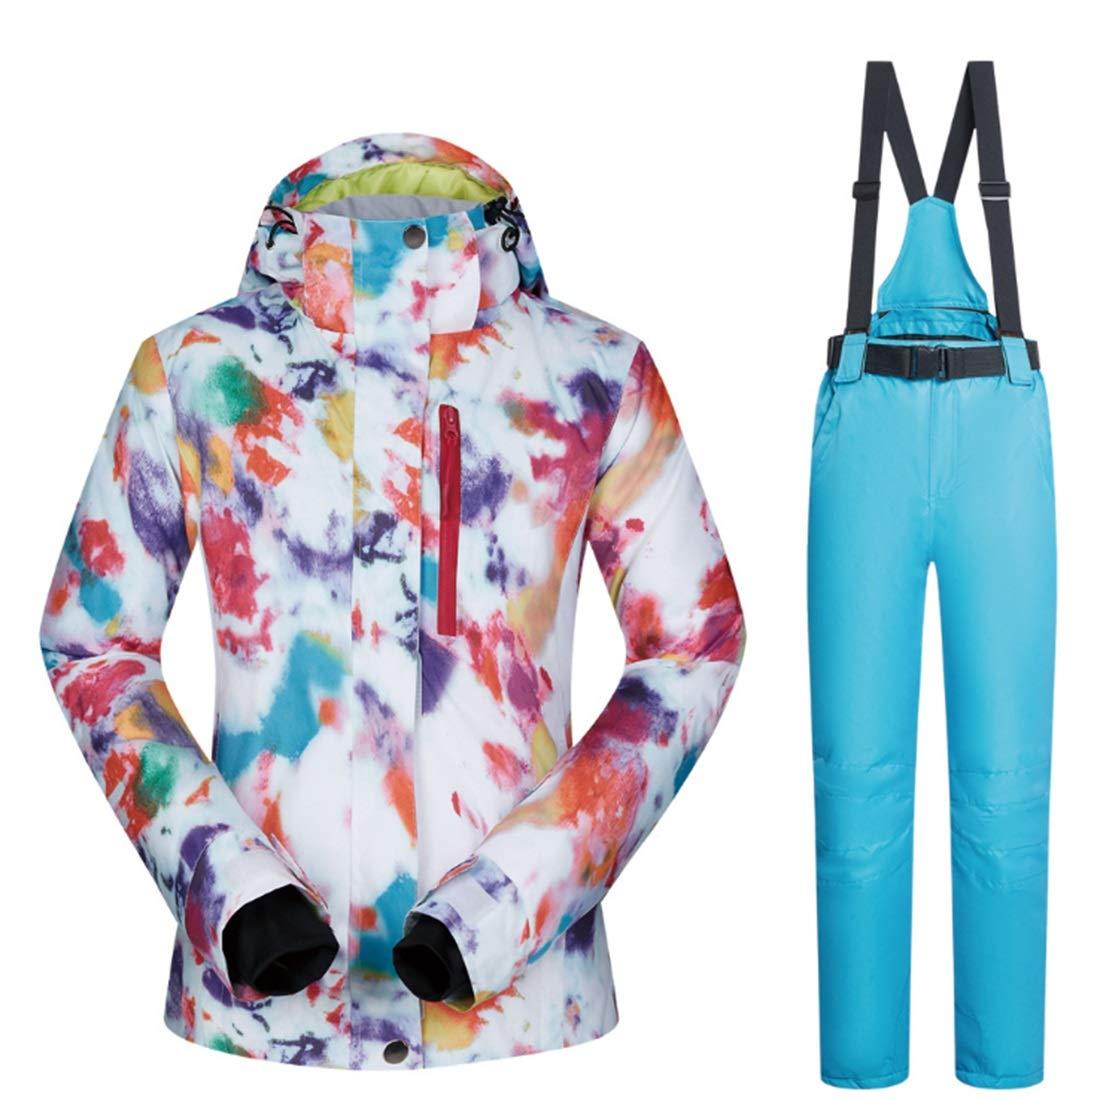 Dhrfyktu Snowsuit da Donna Donna da Winter Giacca da Sci e Pantaloni Set Antivento e Impermeabile (Coloree   02, Dimensione   M)B07KWCSVMYM 01 bb5513